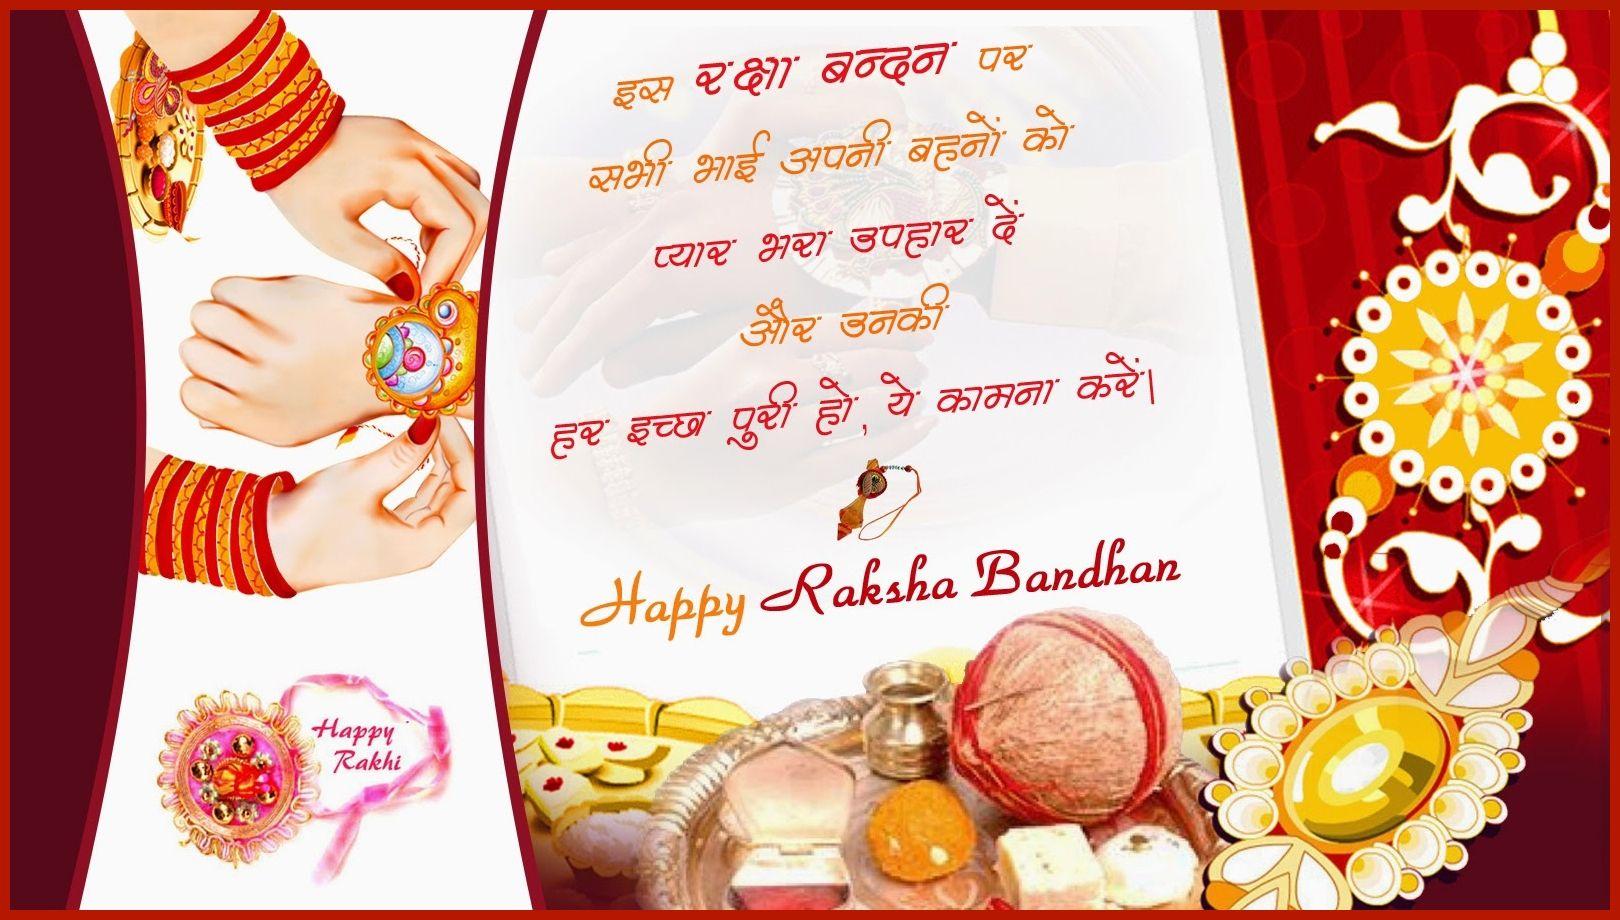 Best Quotes For Raksha Bandhan In Hindi thumbnail